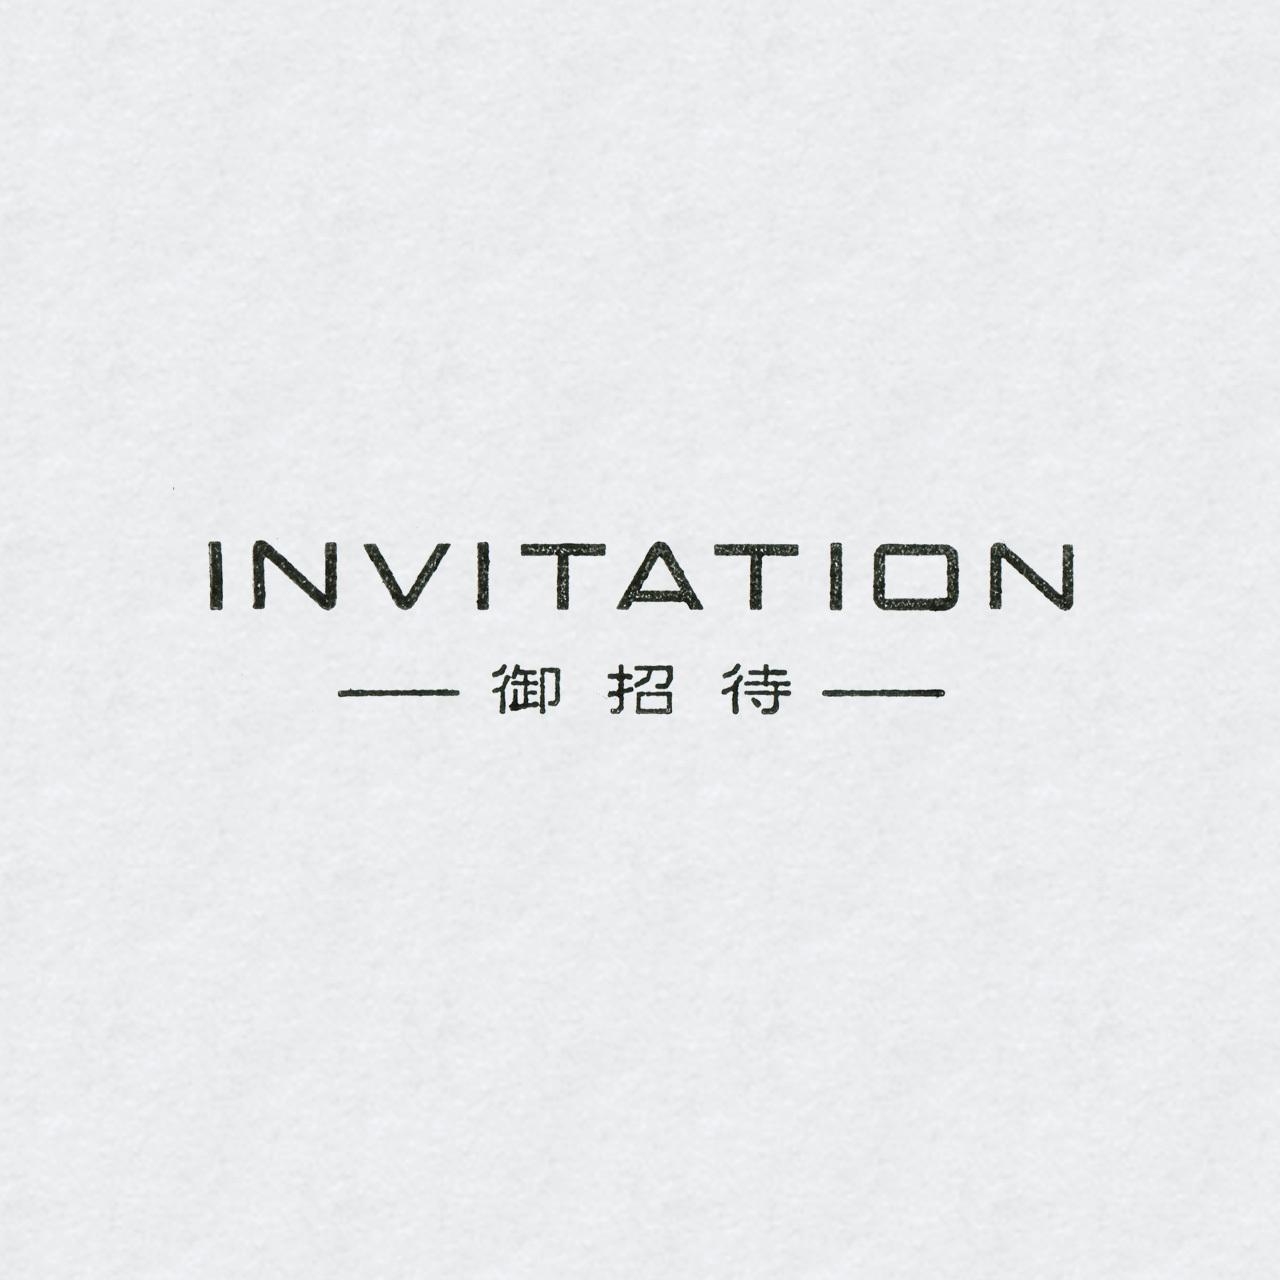 INVITATION 御招待 ゴム印